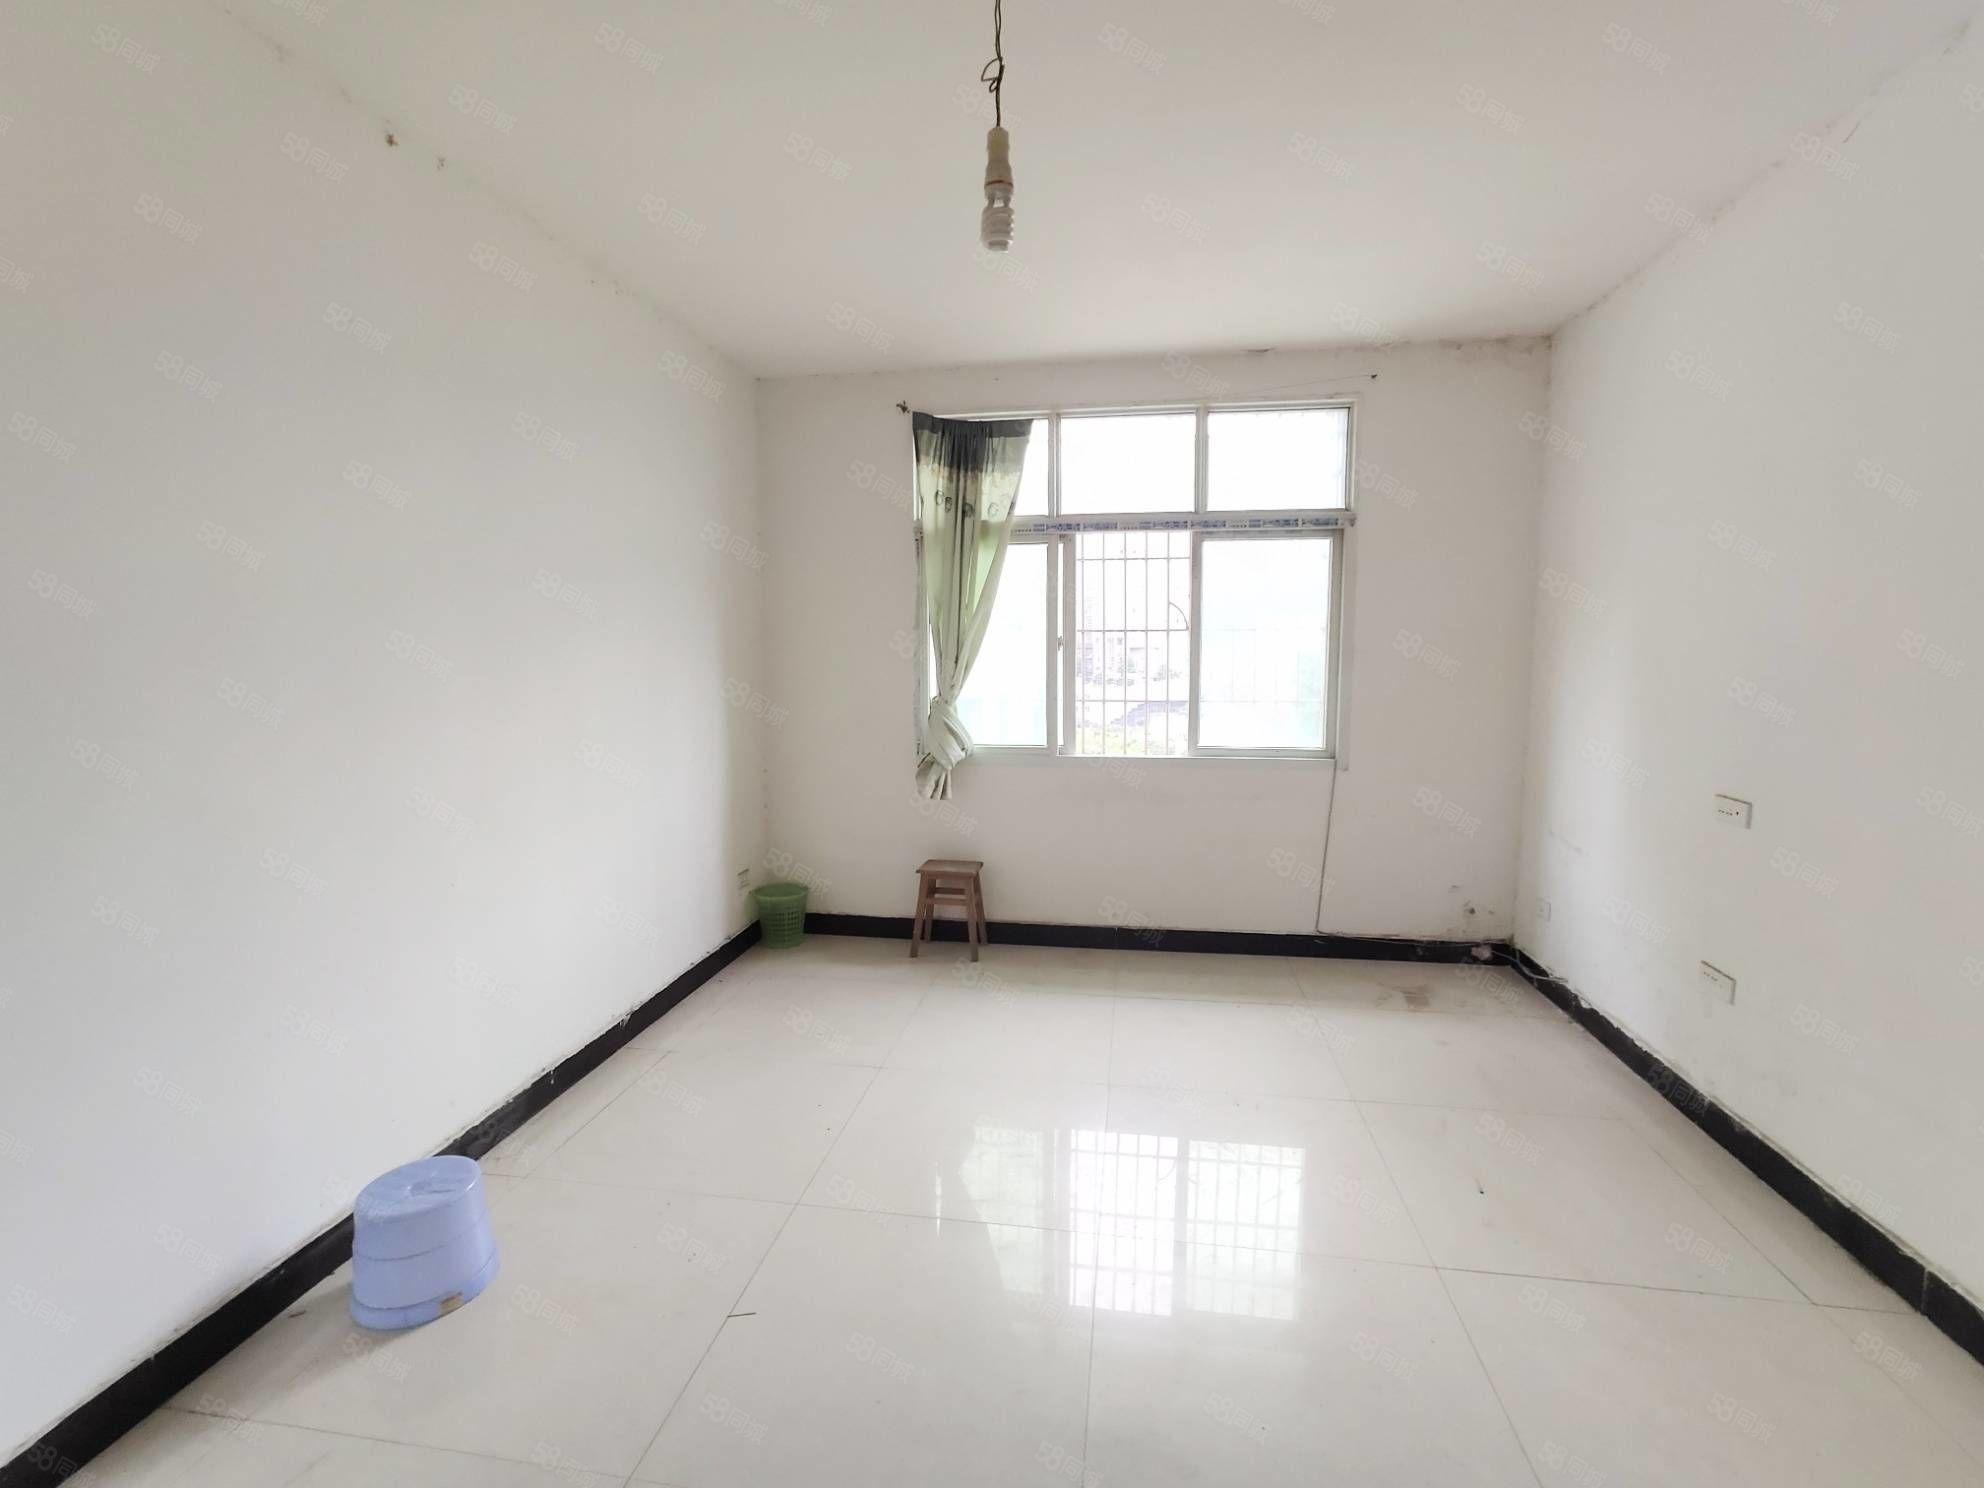 老江北信合大厦小区房两室两厅双卫户型非常好